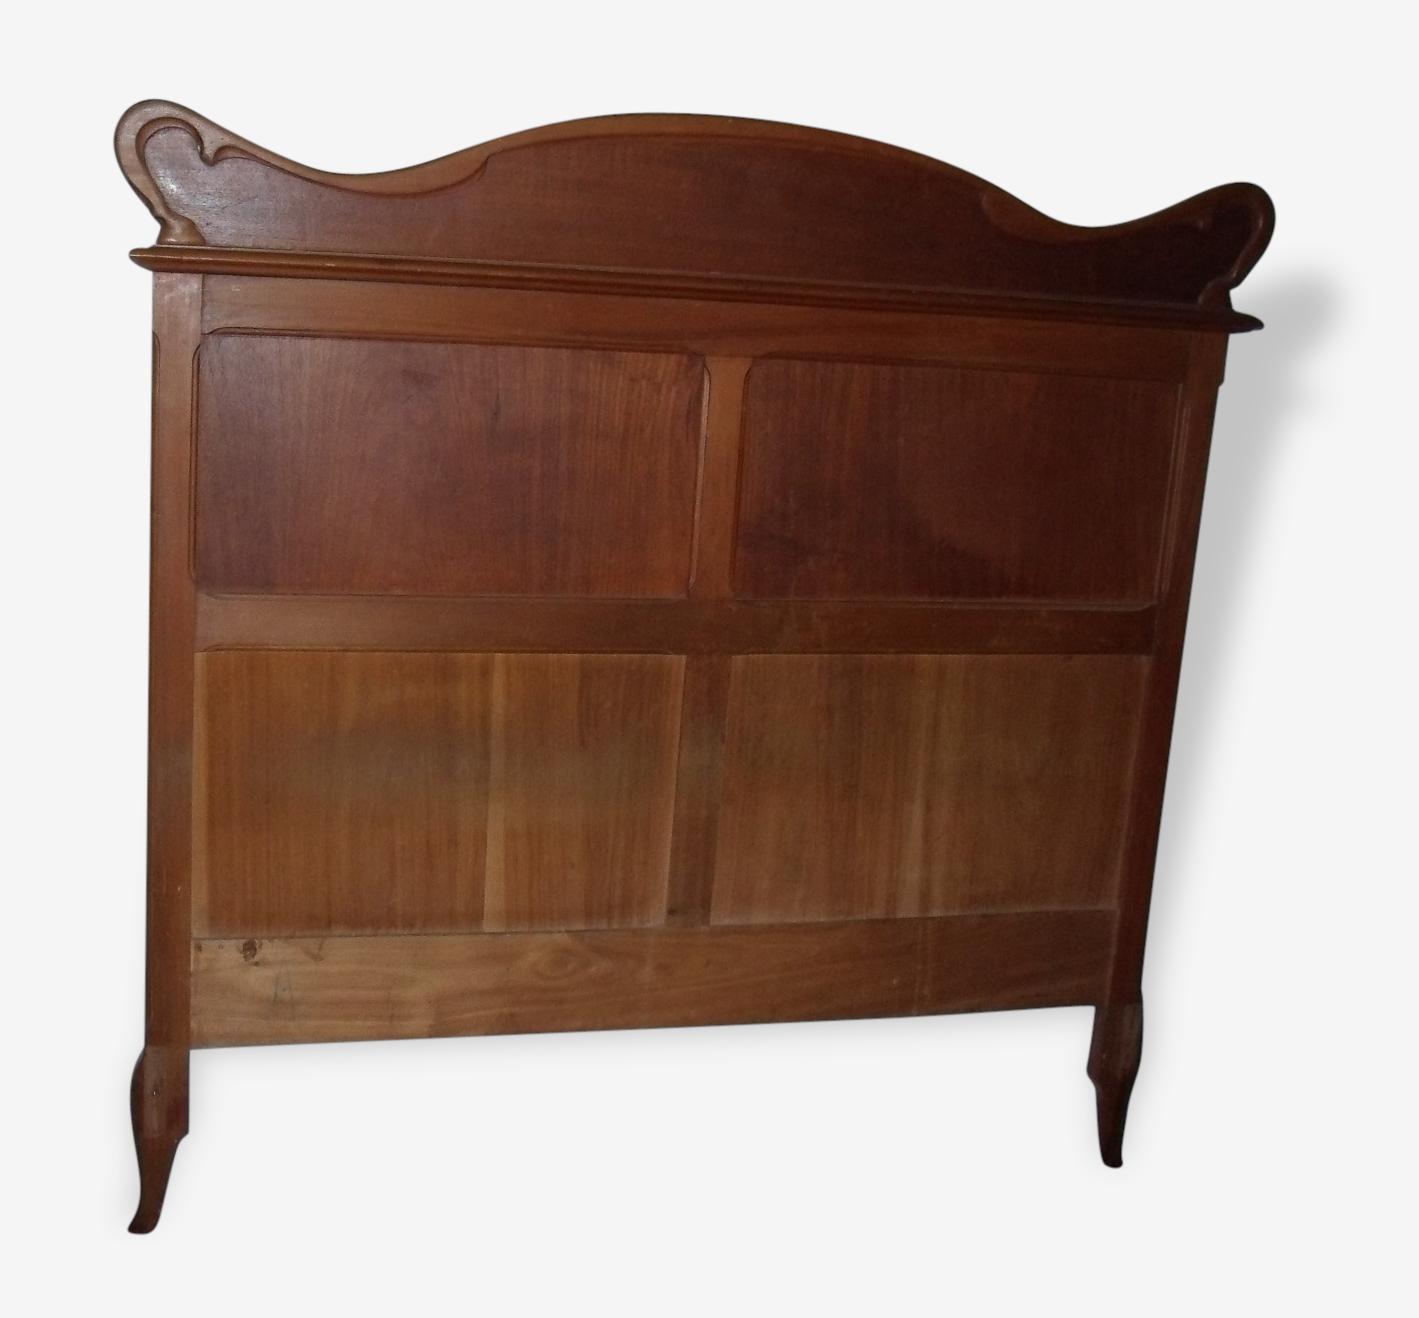 Tete De Lit 1900 Art Nouveau Bois Wood Wooden Classic 165703